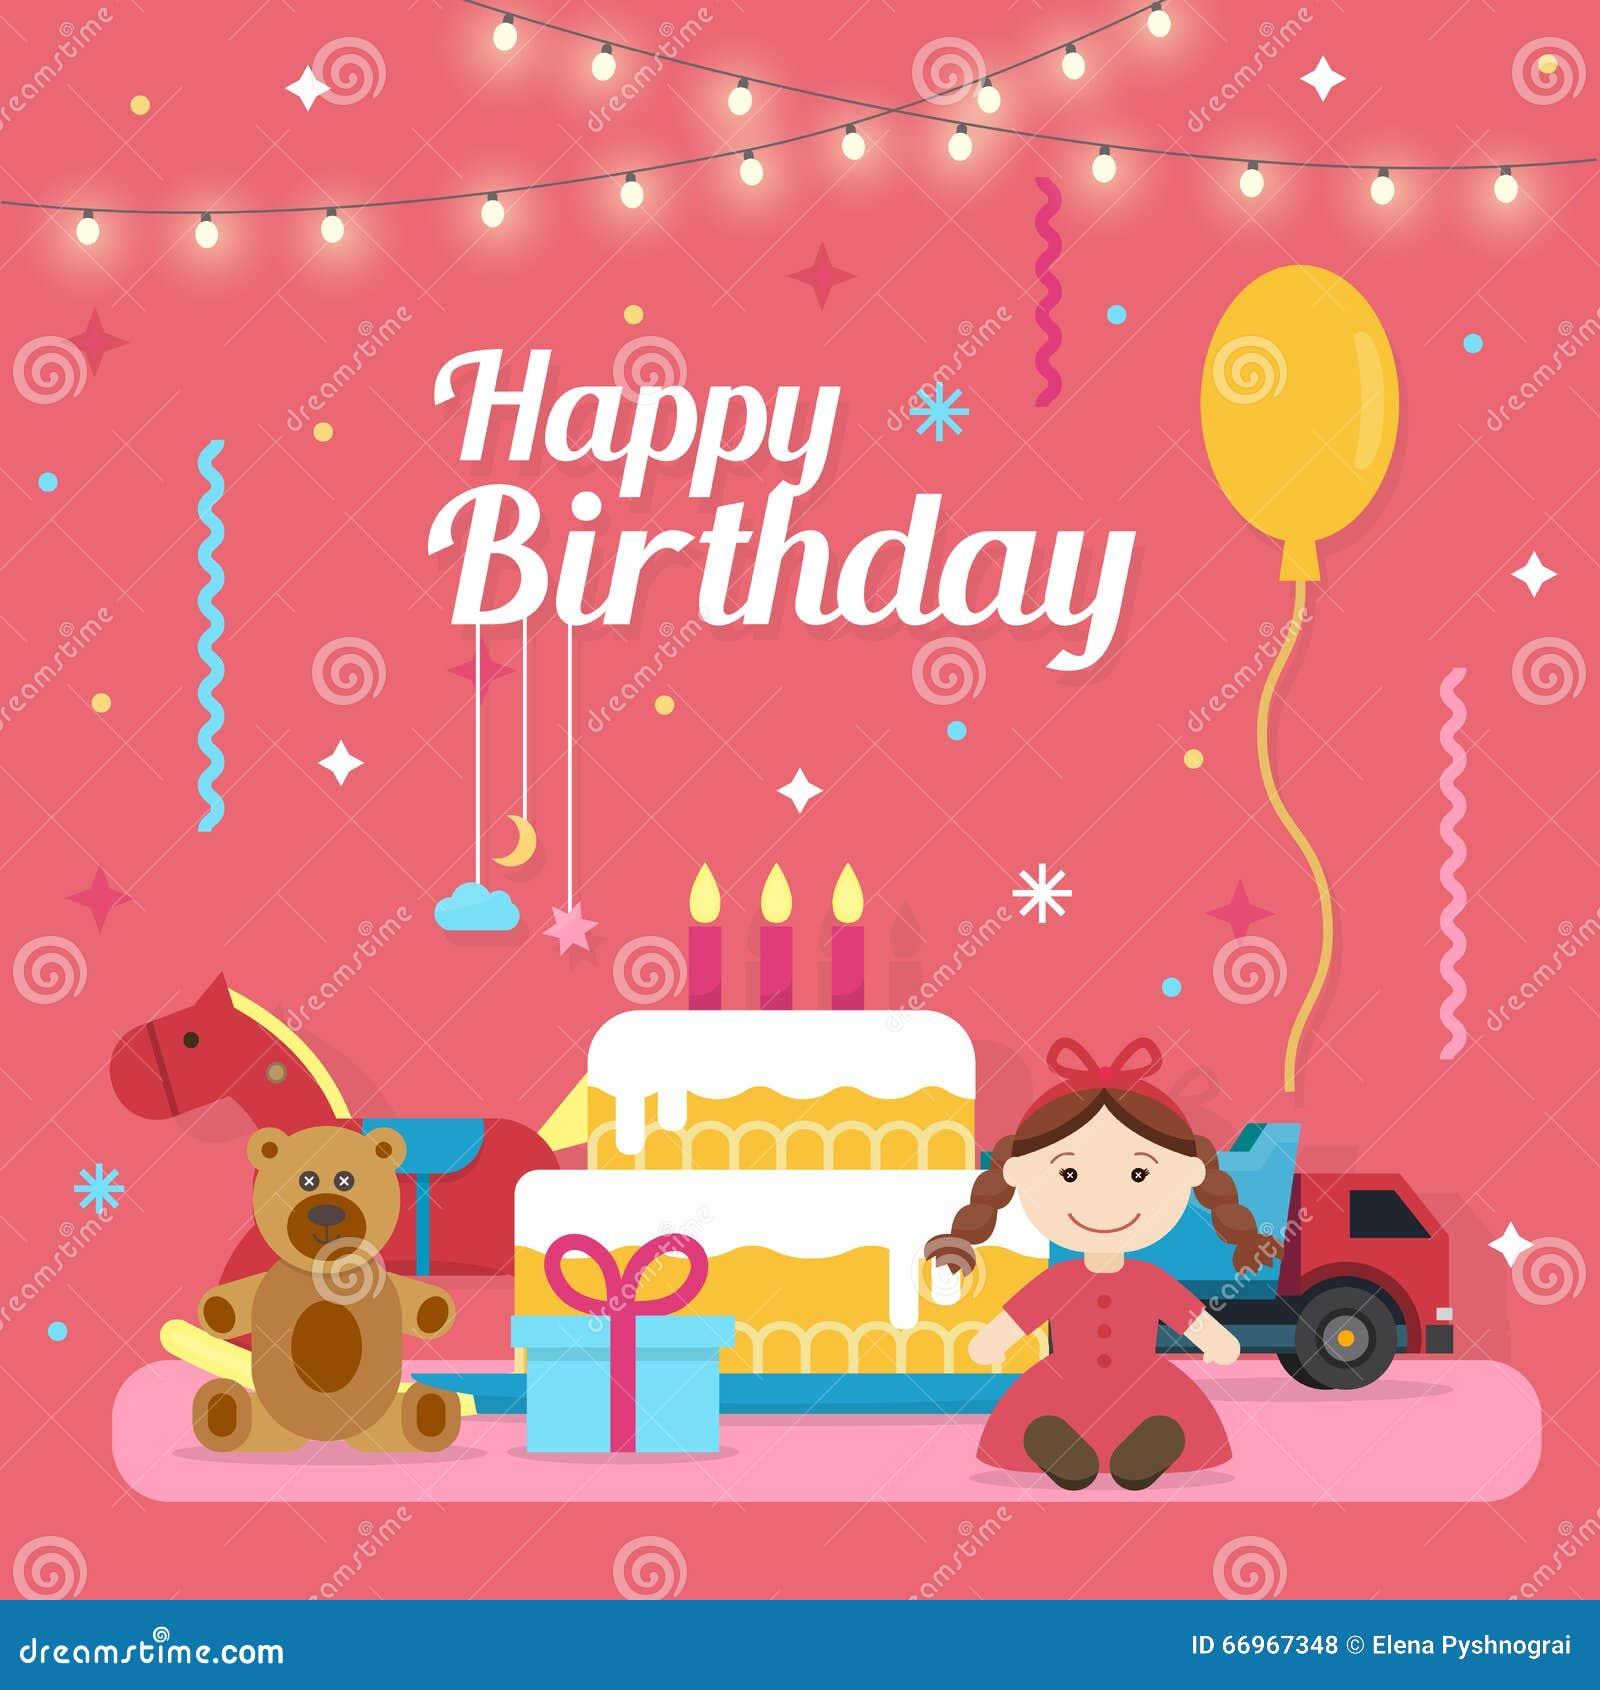 Birthday Celebration Chicago Style: Children Happy Birthday Icons Set Stock Vector